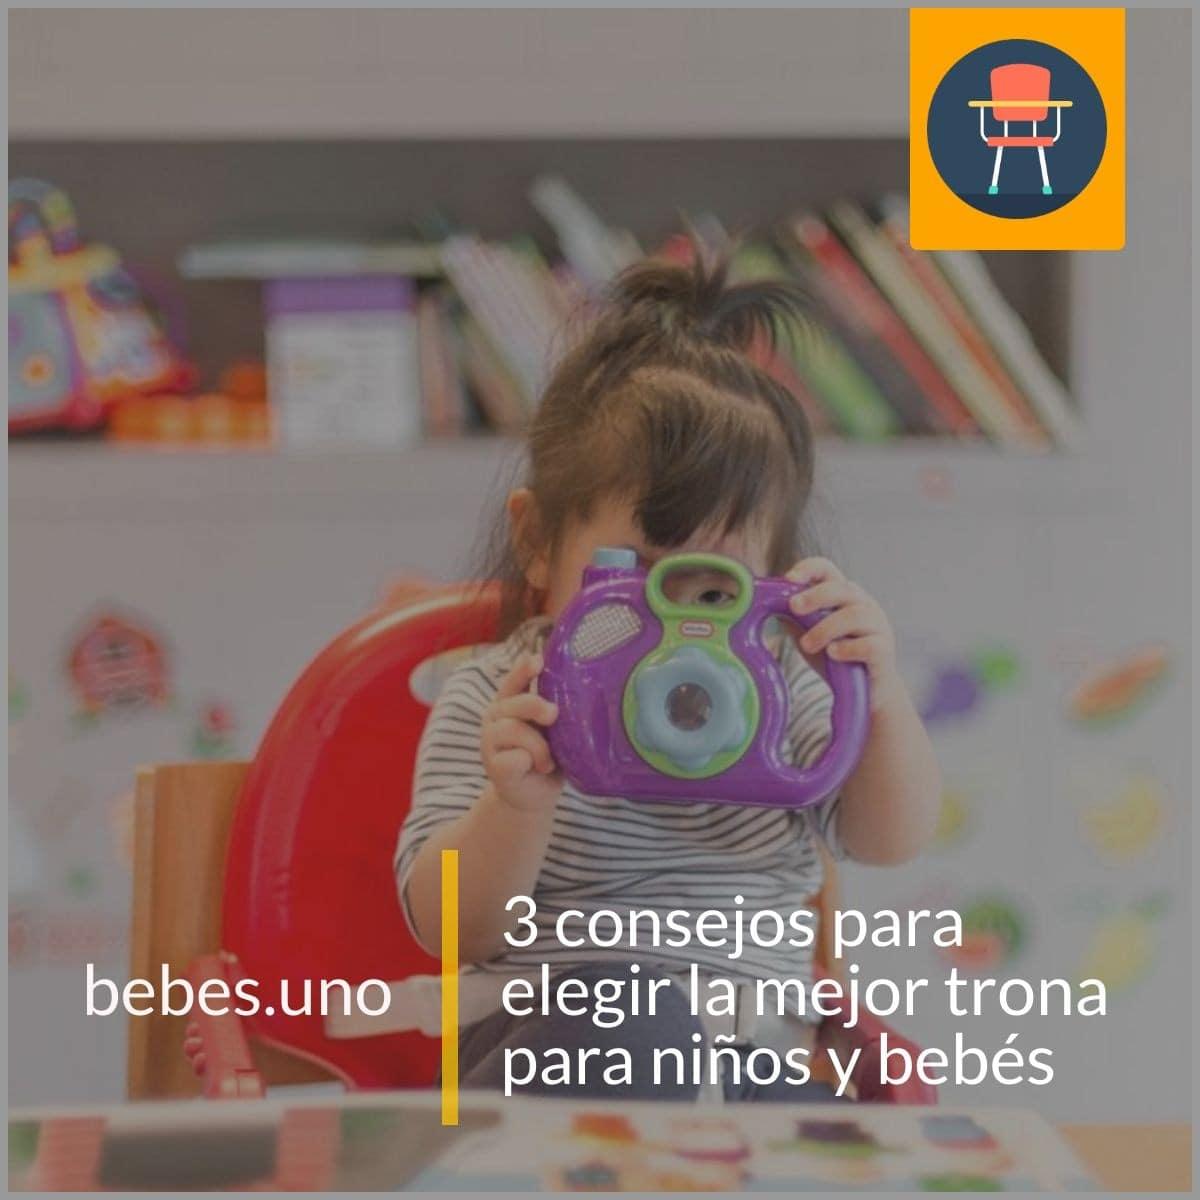 3 consejos para elegir la mejor trona para niños y bebés